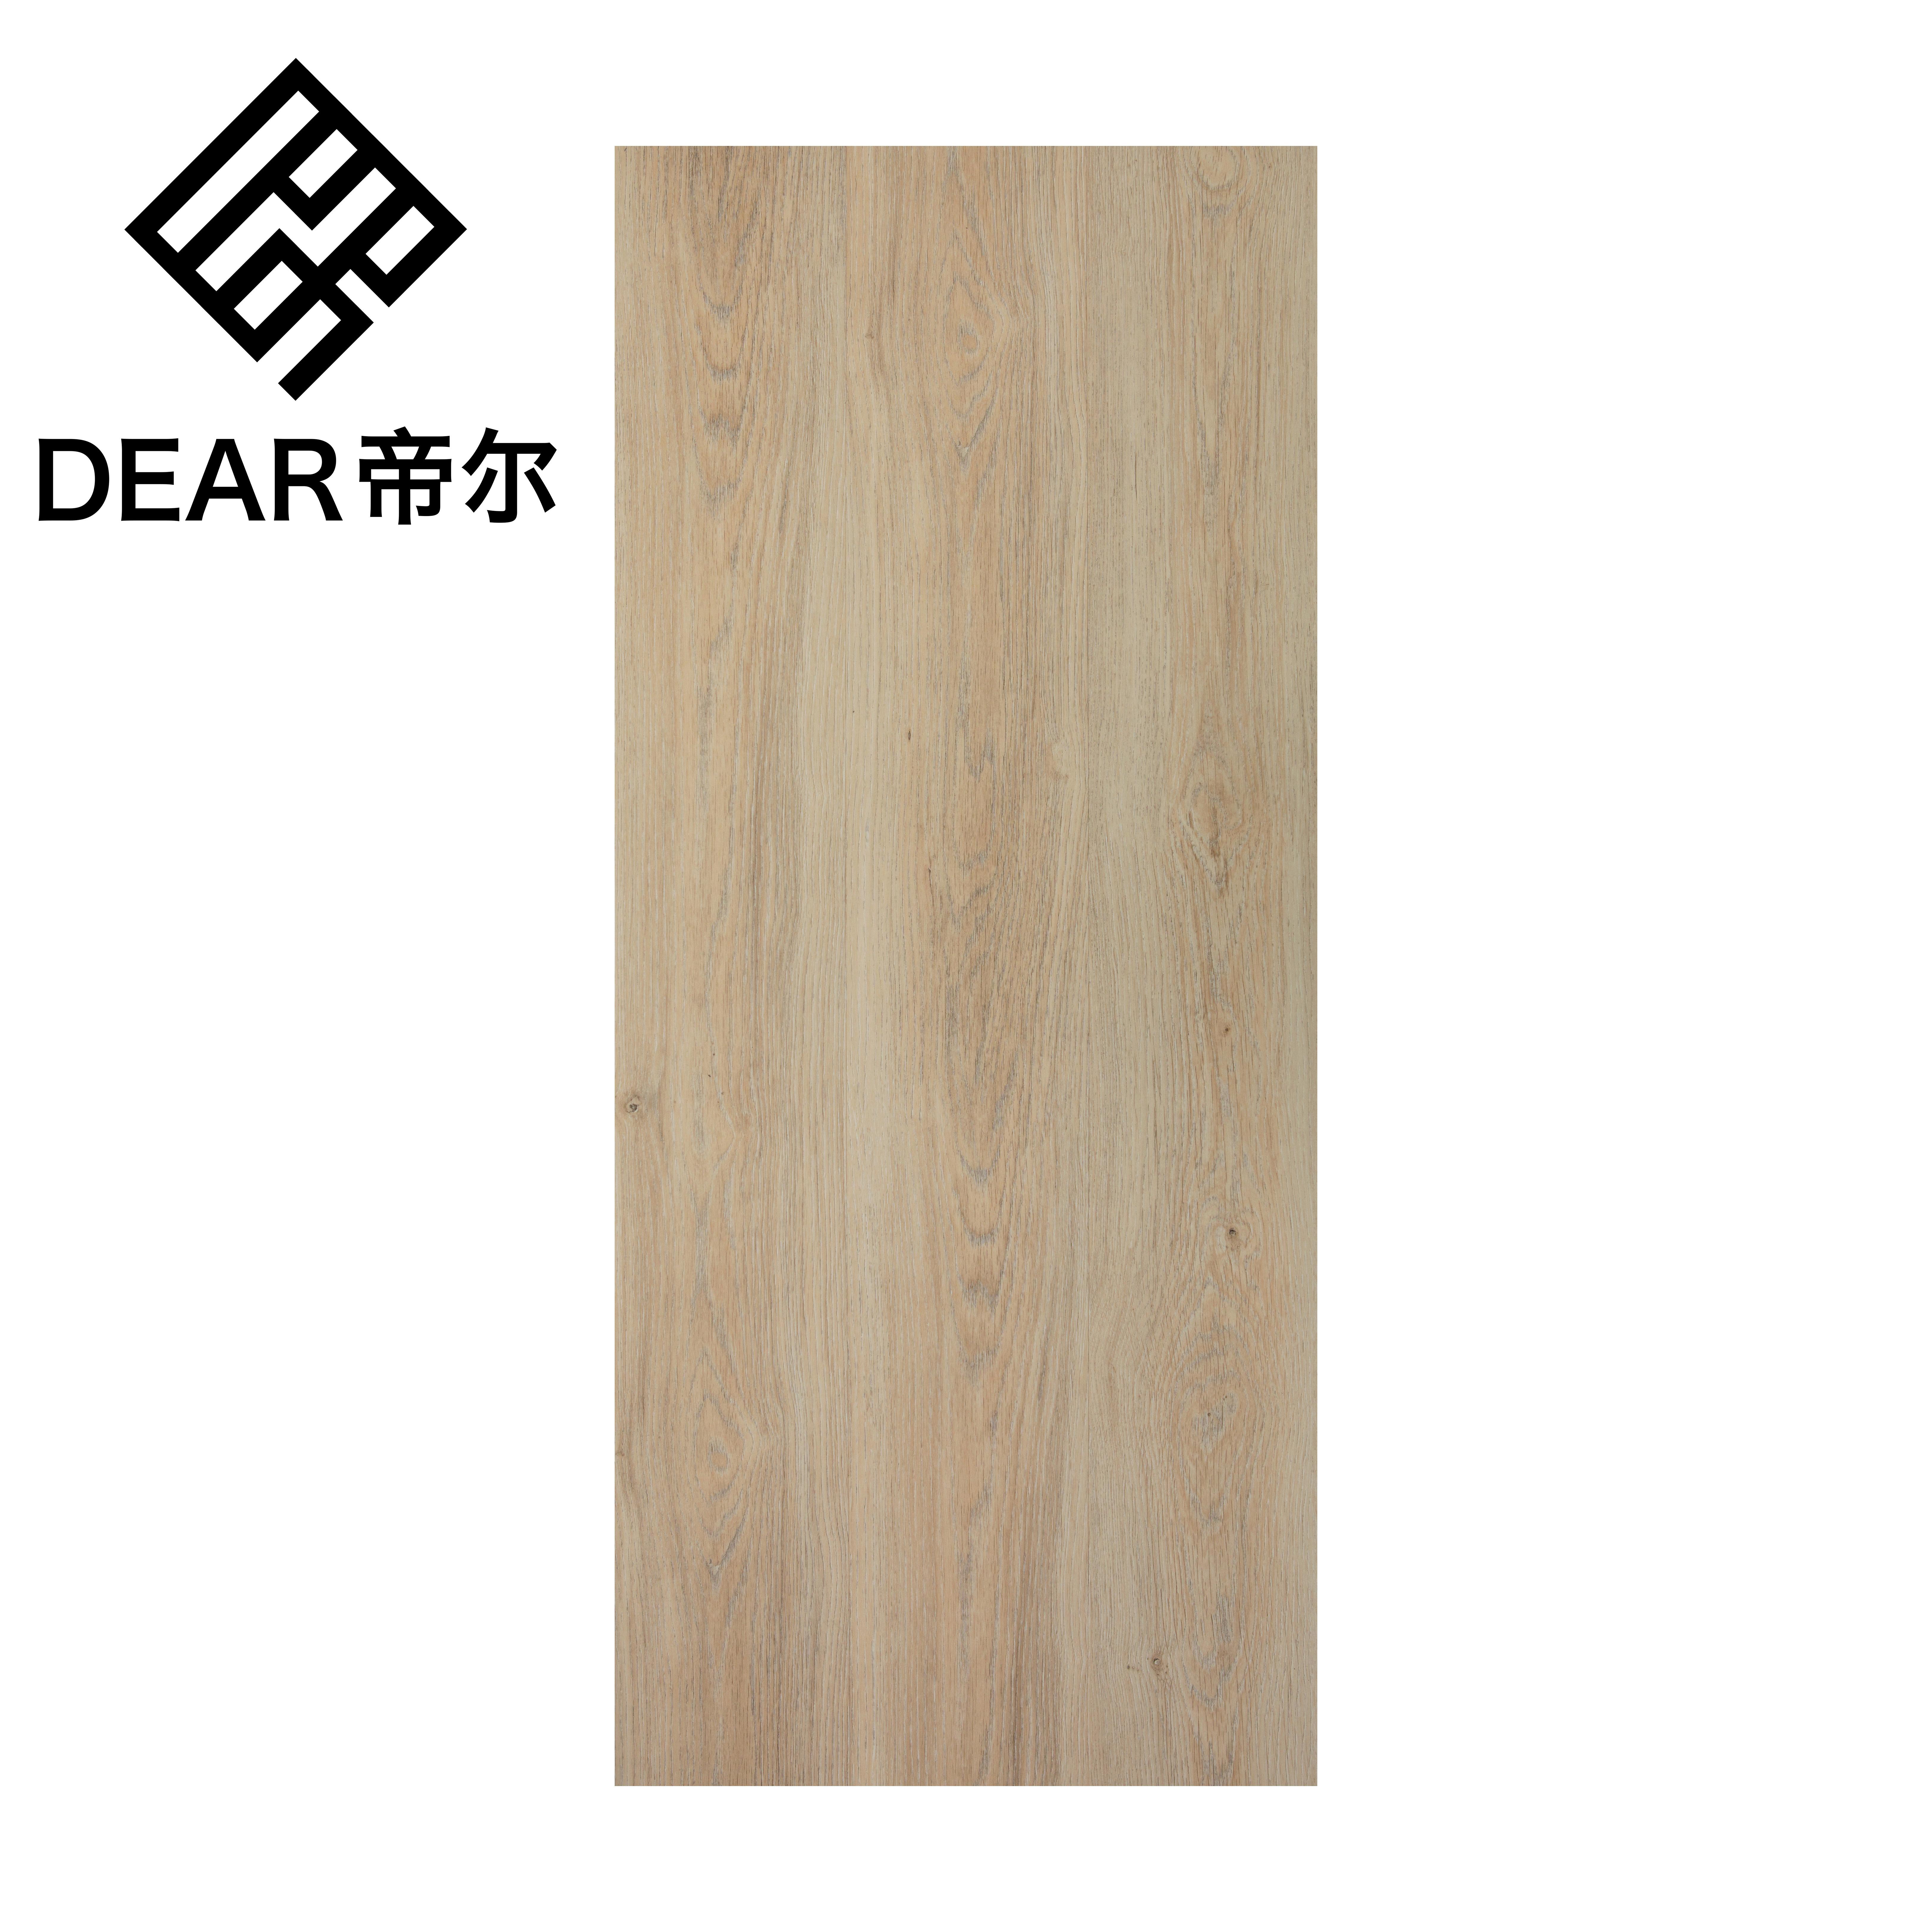 Spc pvc rvp không thấm nước 5mm spc gỗ không thấm nước kết cấu lai vinyl tấm ván bấm vào sàn cho bệnh viện